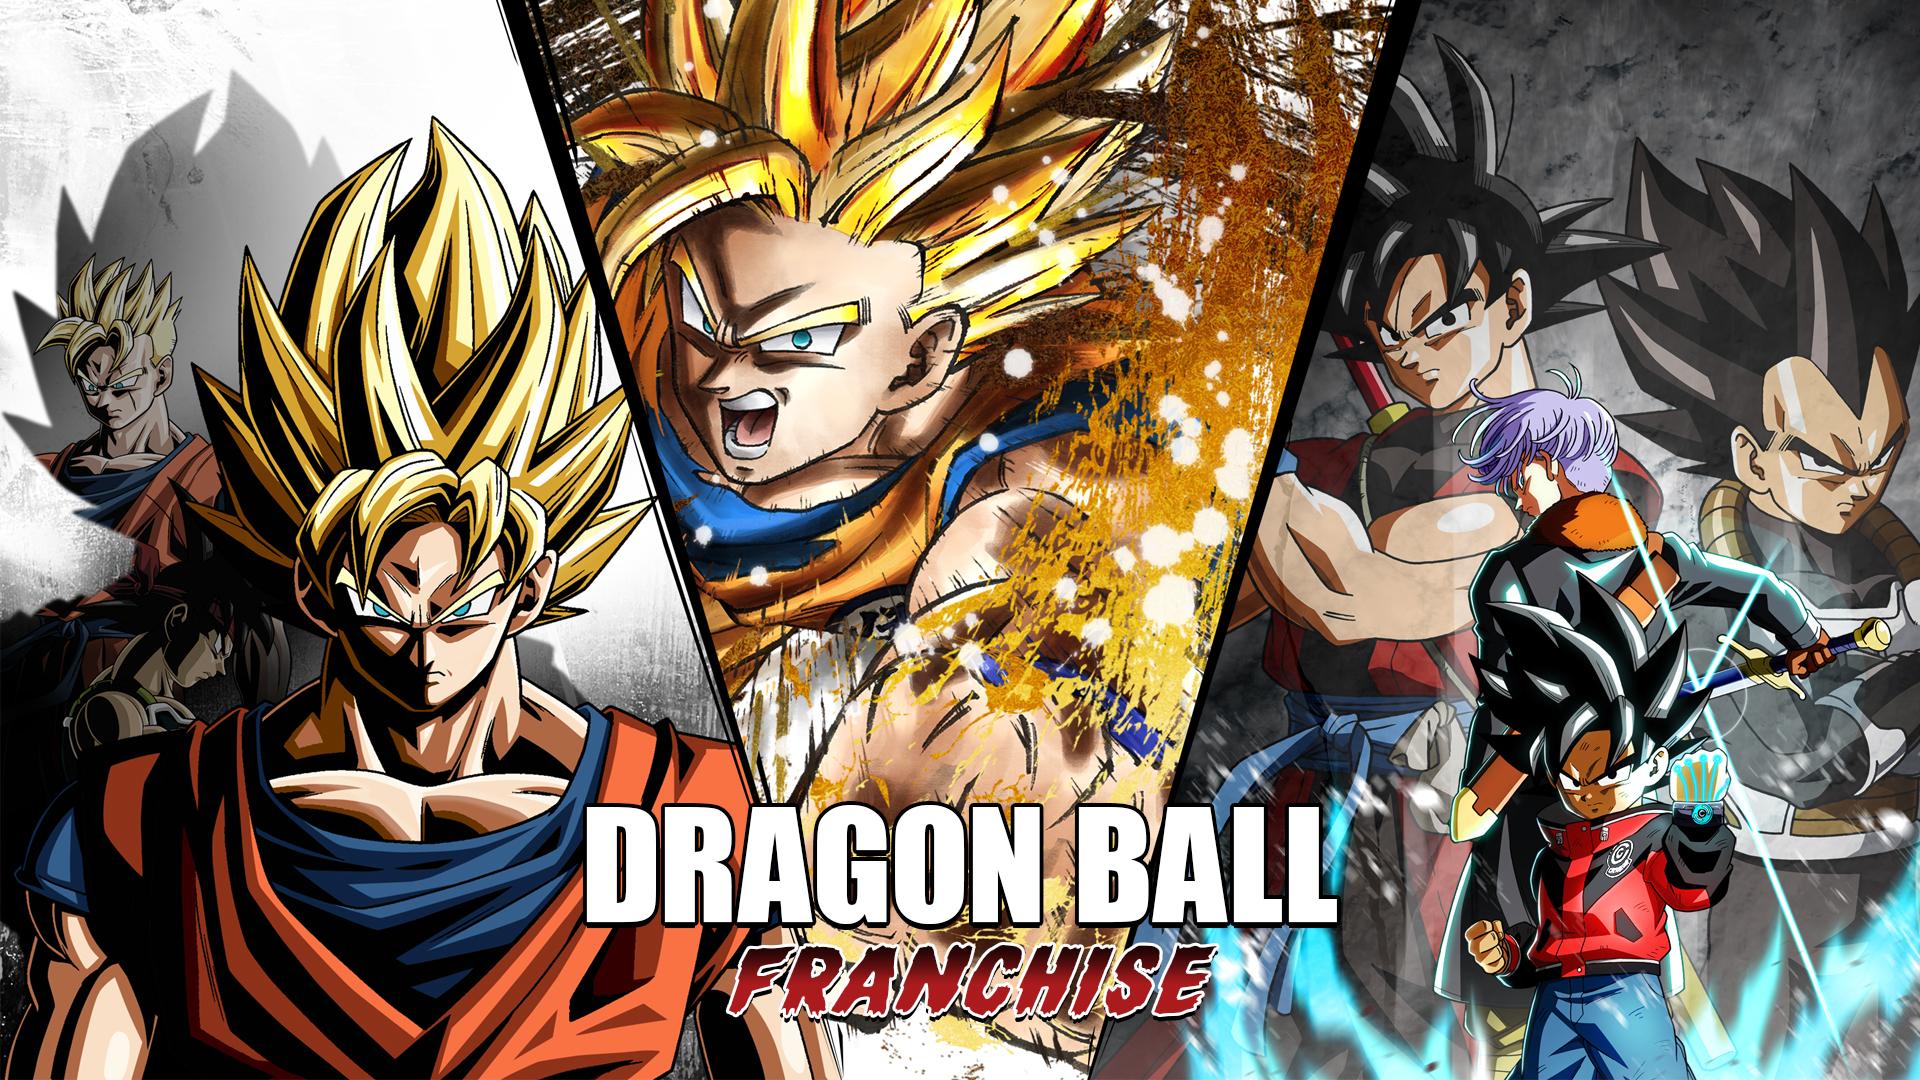 Steam Mega descuentos franquicia Dragon Ball hasta 80%